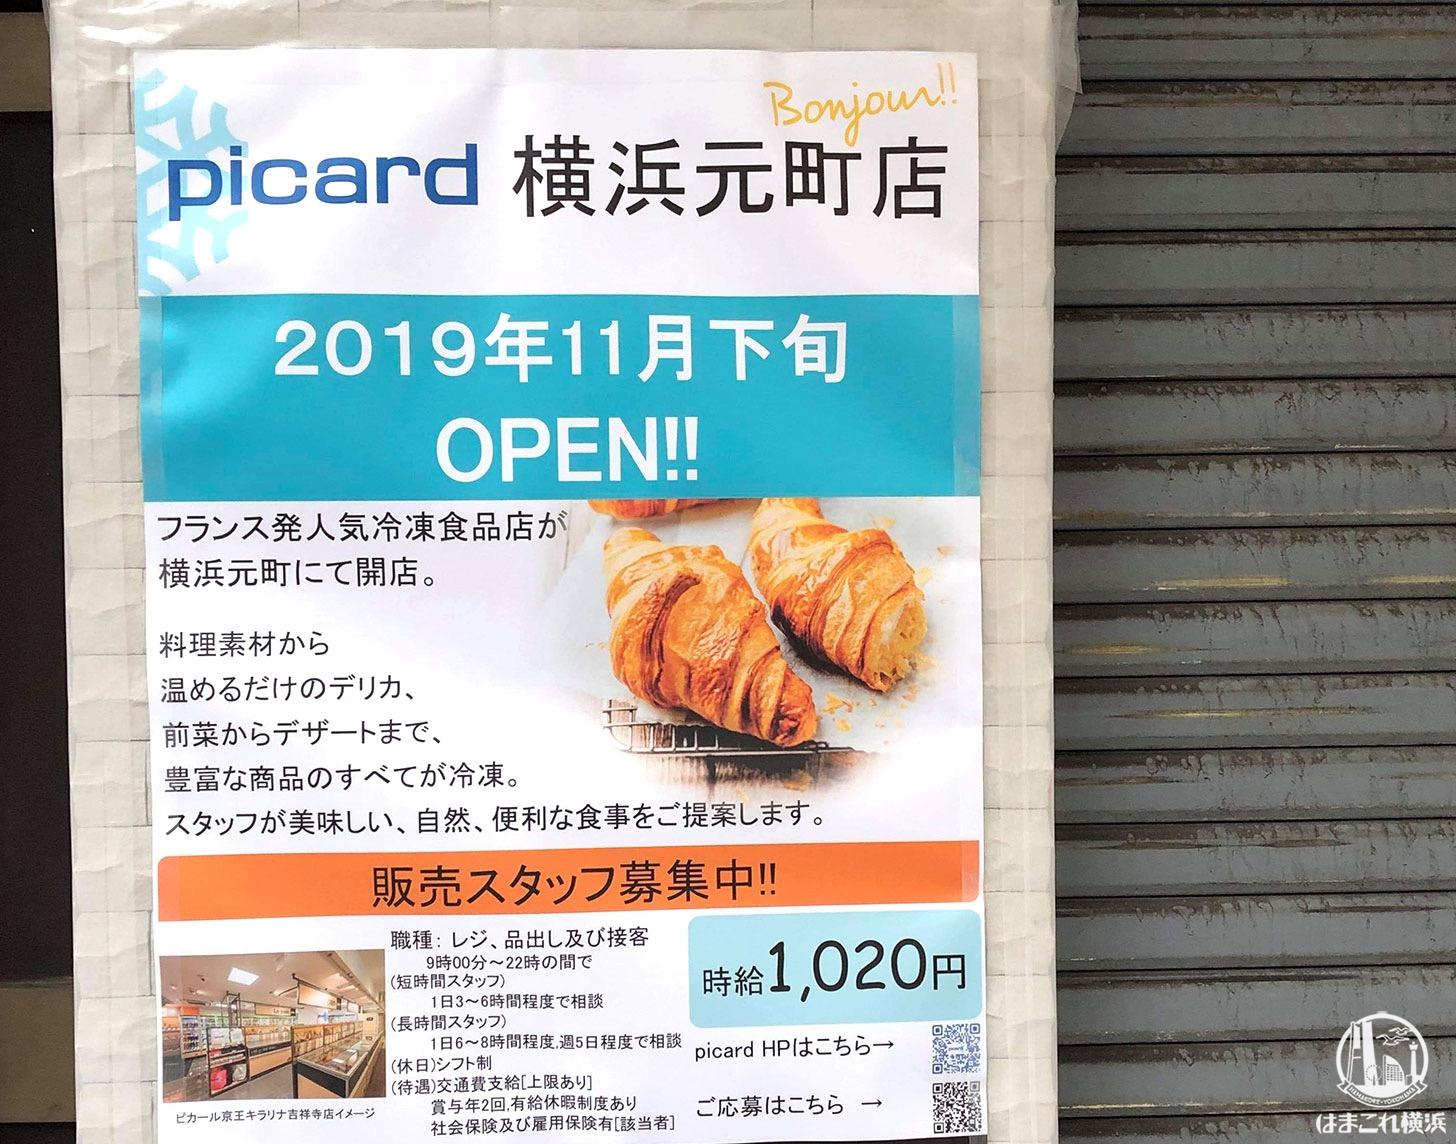 冷凍食品専門店「ピカール」横浜元町に2019年11月オープン!